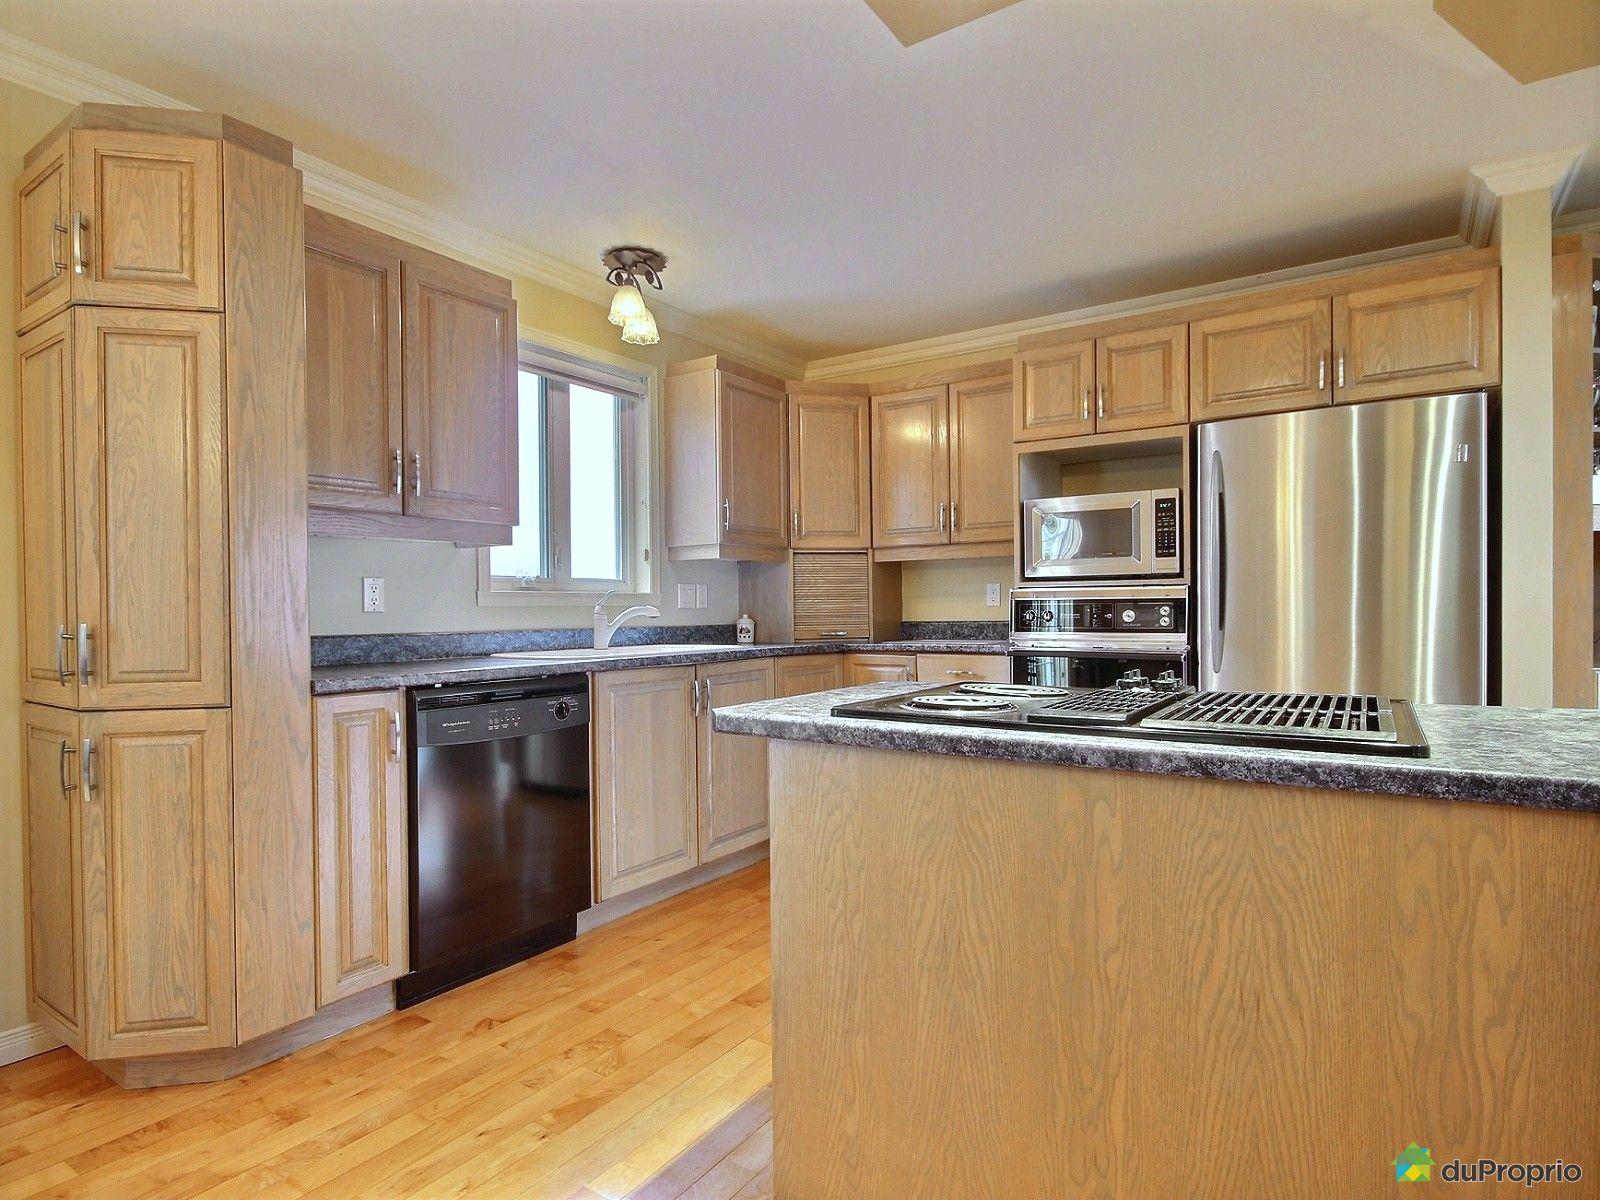 maison vendu st jean sur richelieu immobilier qu bec duproprio 619869. Black Bedroom Furniture Sets. Home Design Ideas